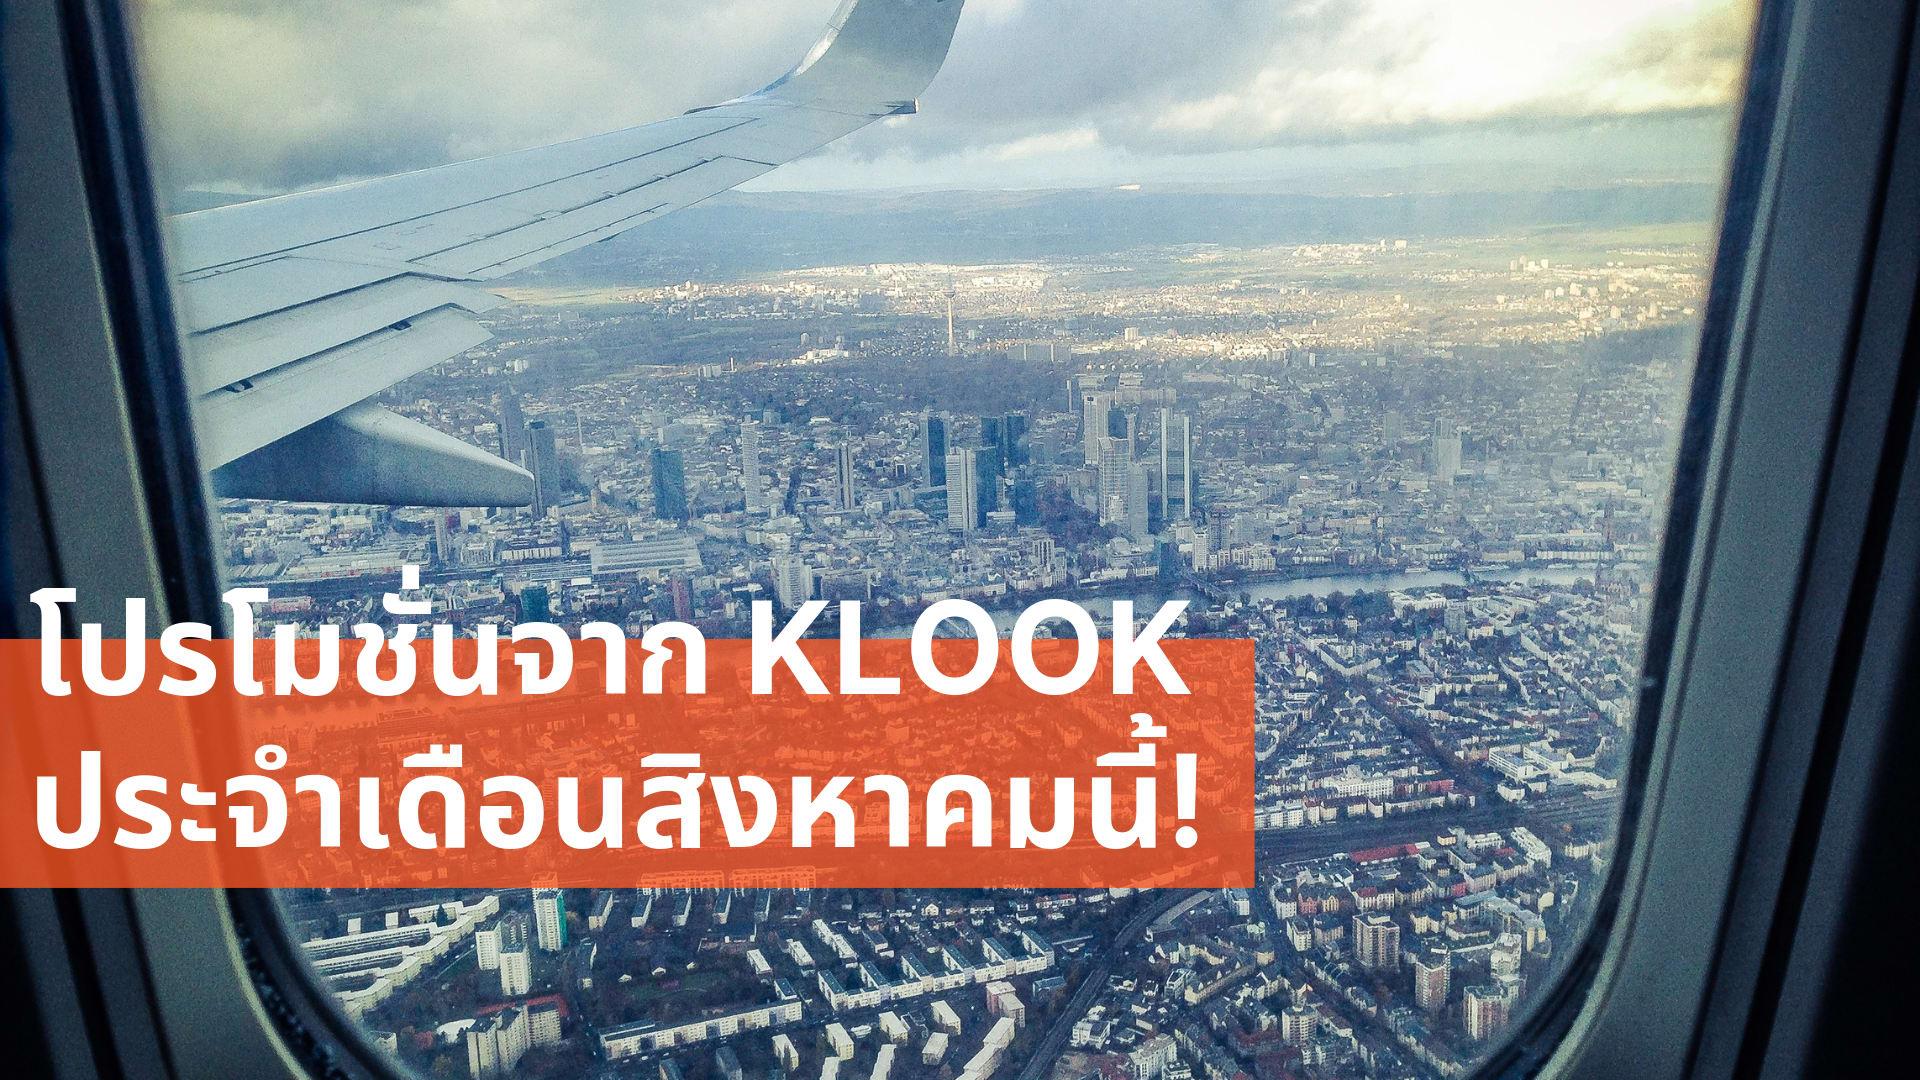 โปรโมชั่นเด็ดจาก KLOOK ในเดือนสิงหาคมนี้!